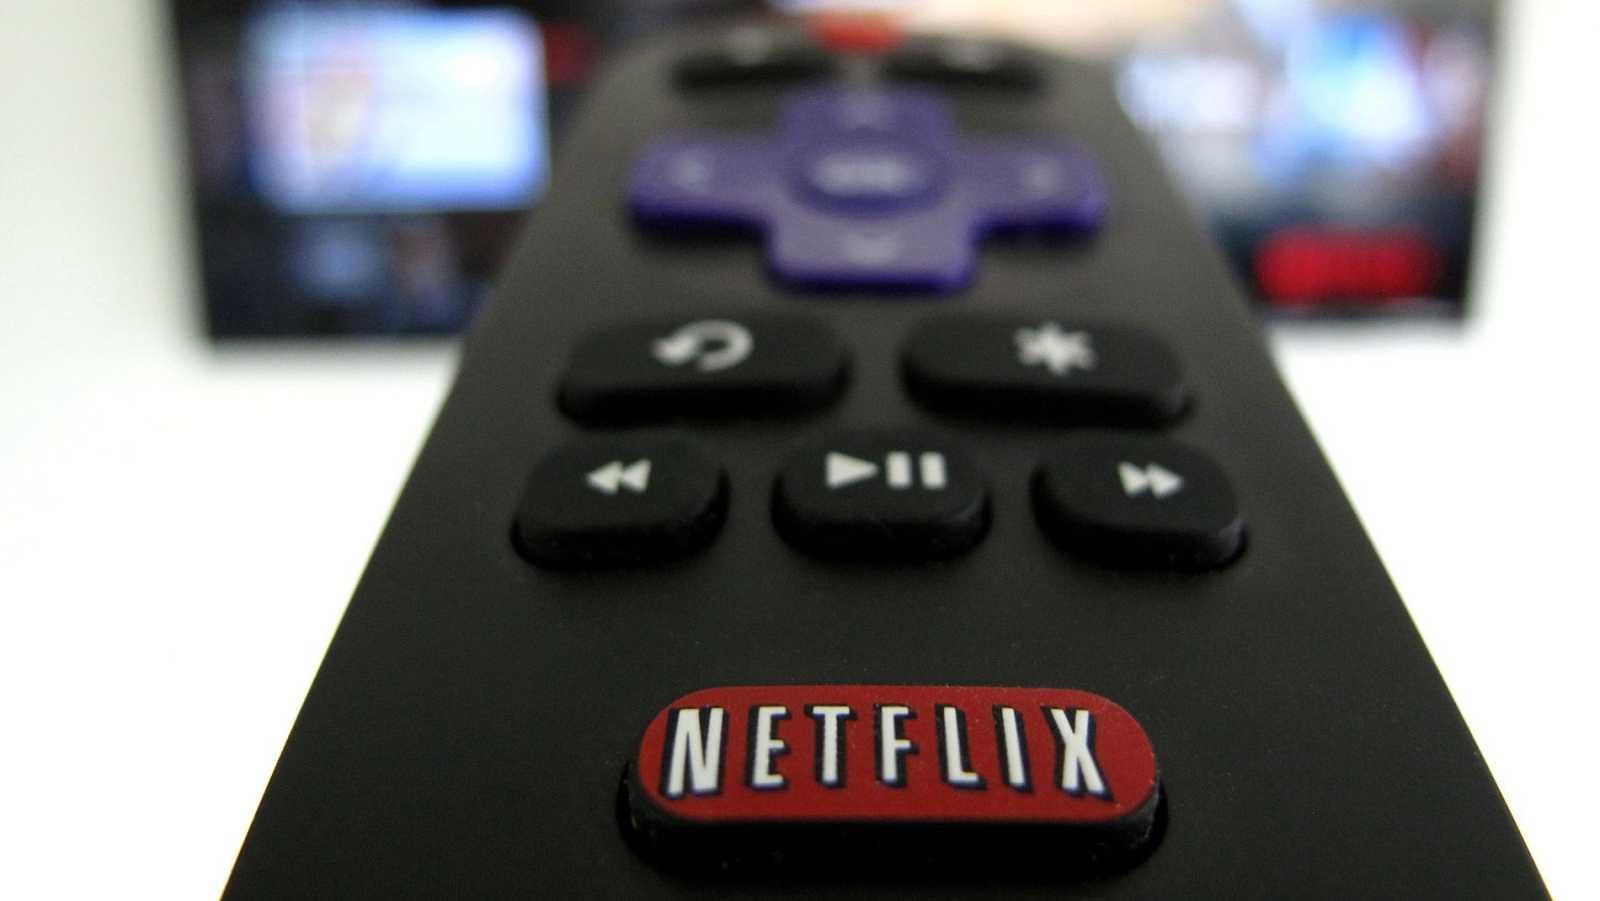 Mando de una televisión con el logotipo de Netflix